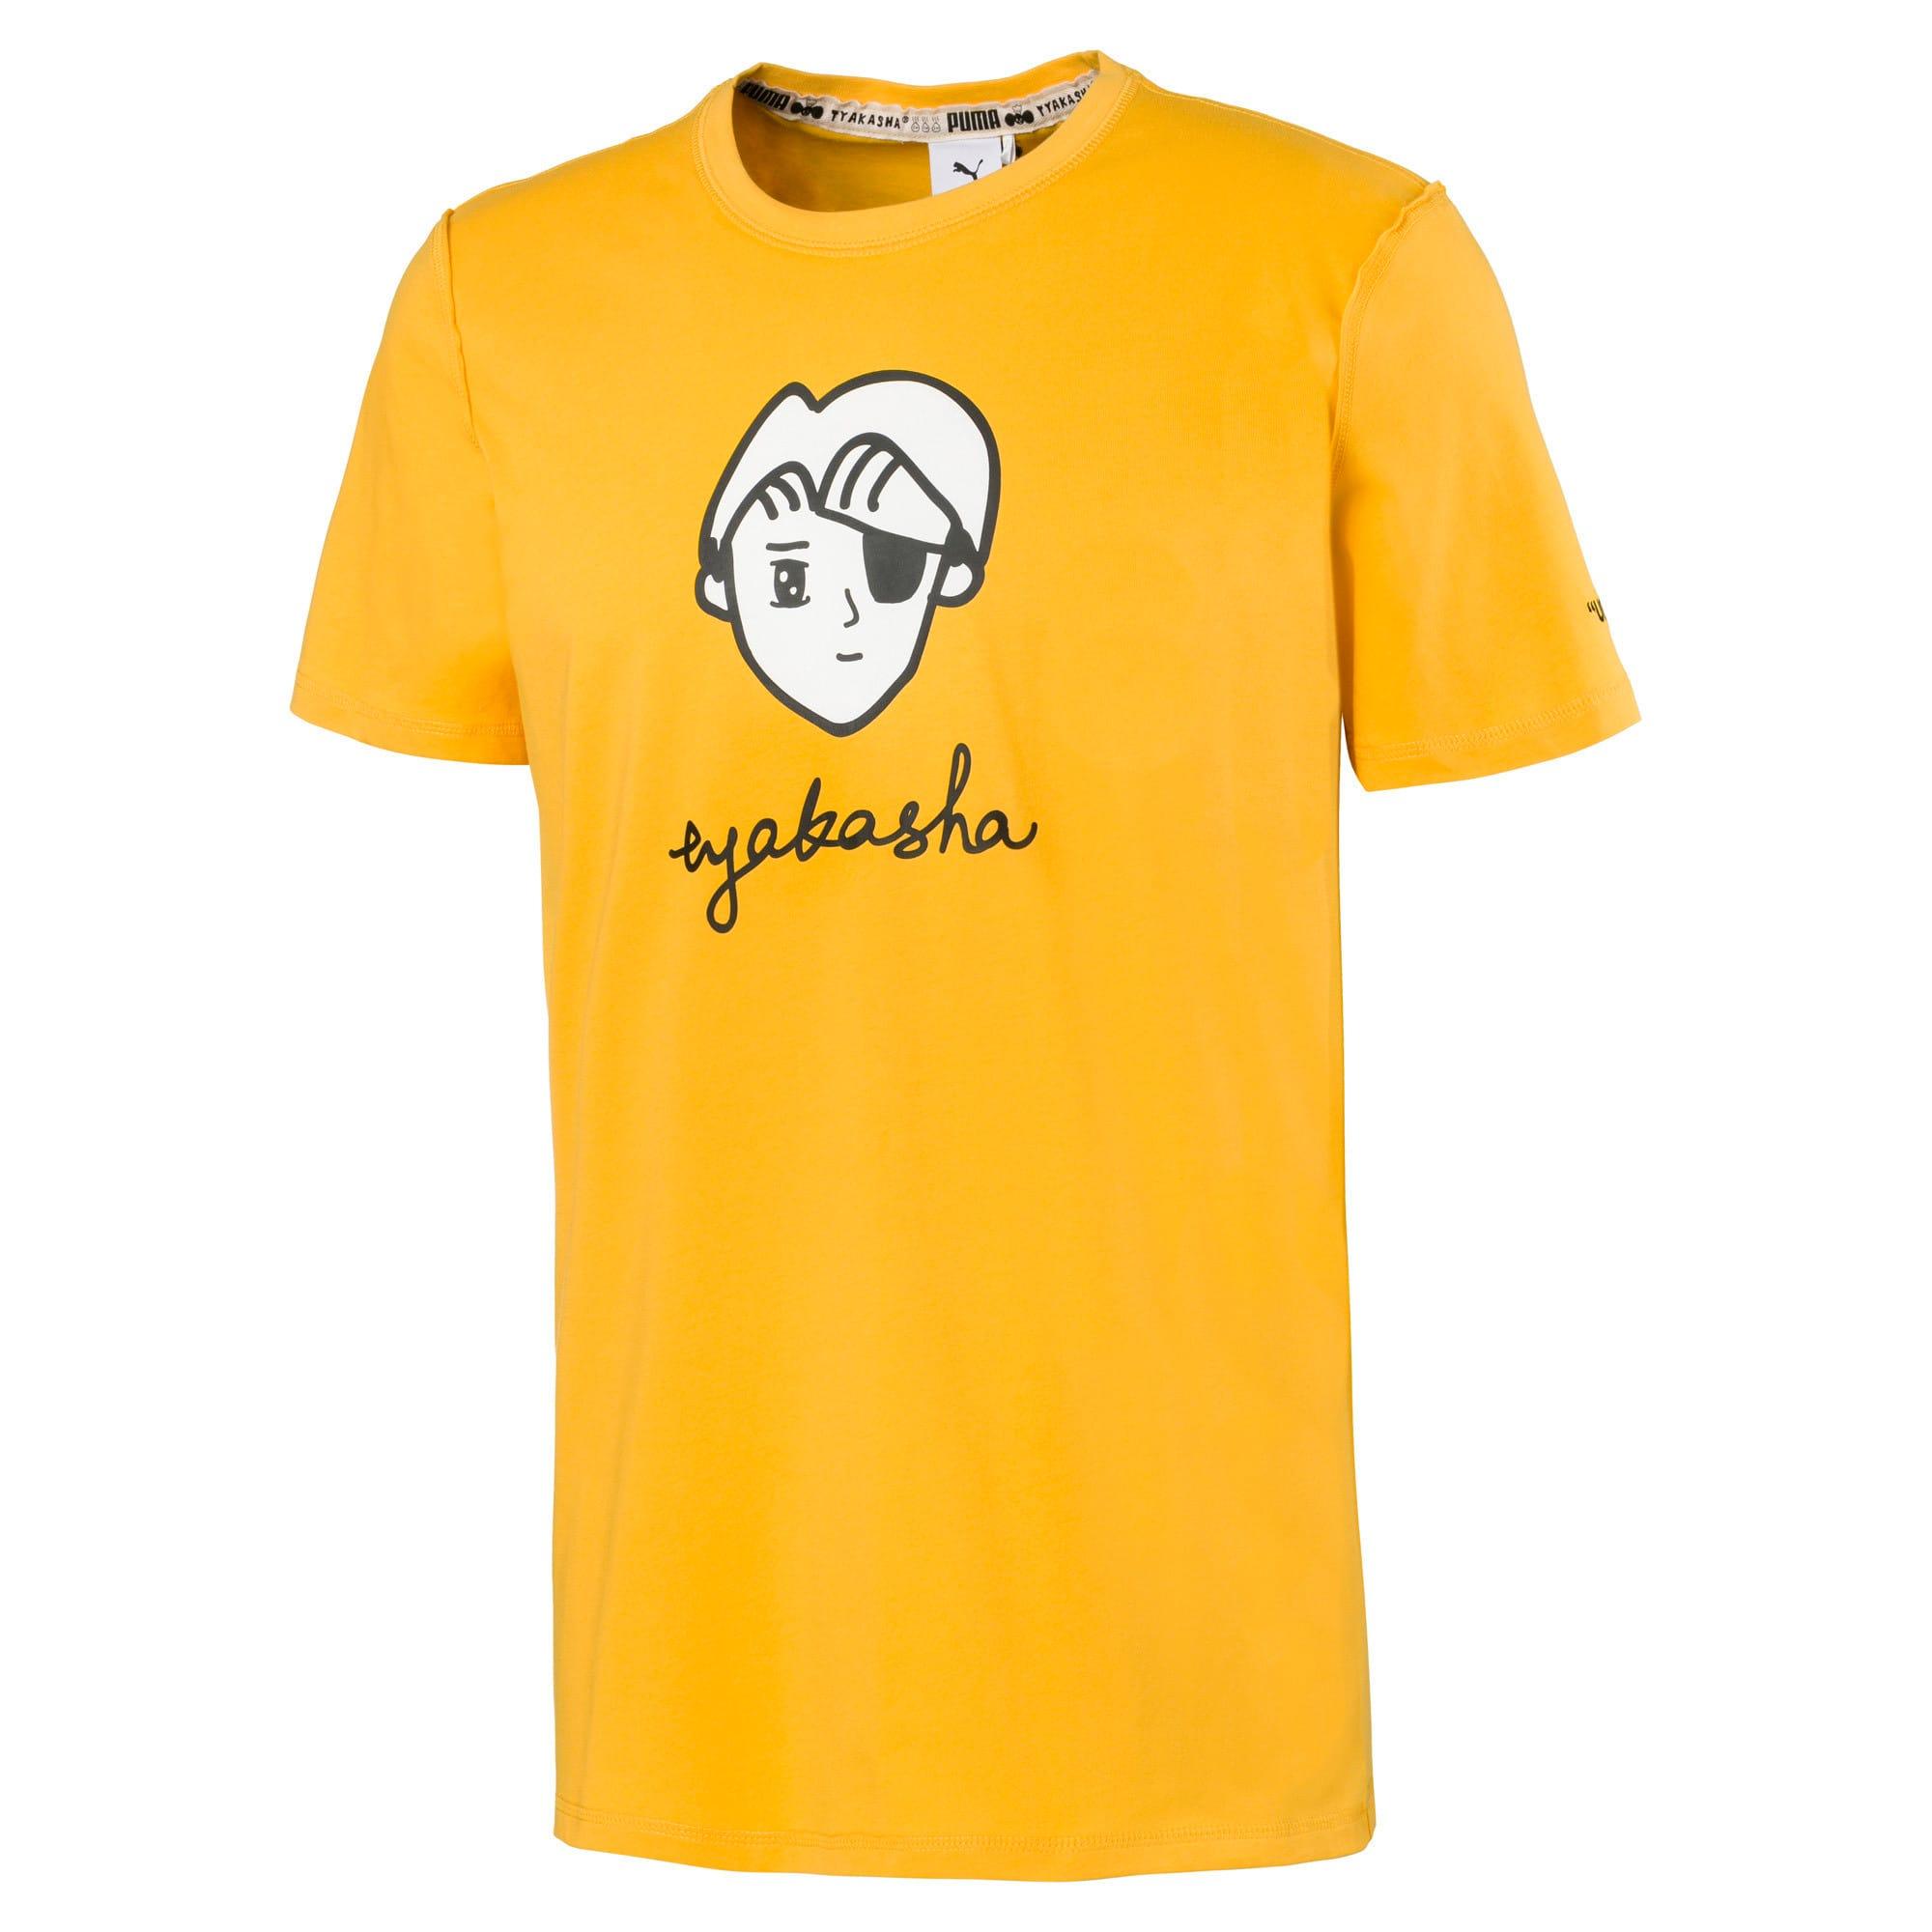 Thumbnail 1 of PUMA x TYAKASHA T-Shirt, Daffodil, medium